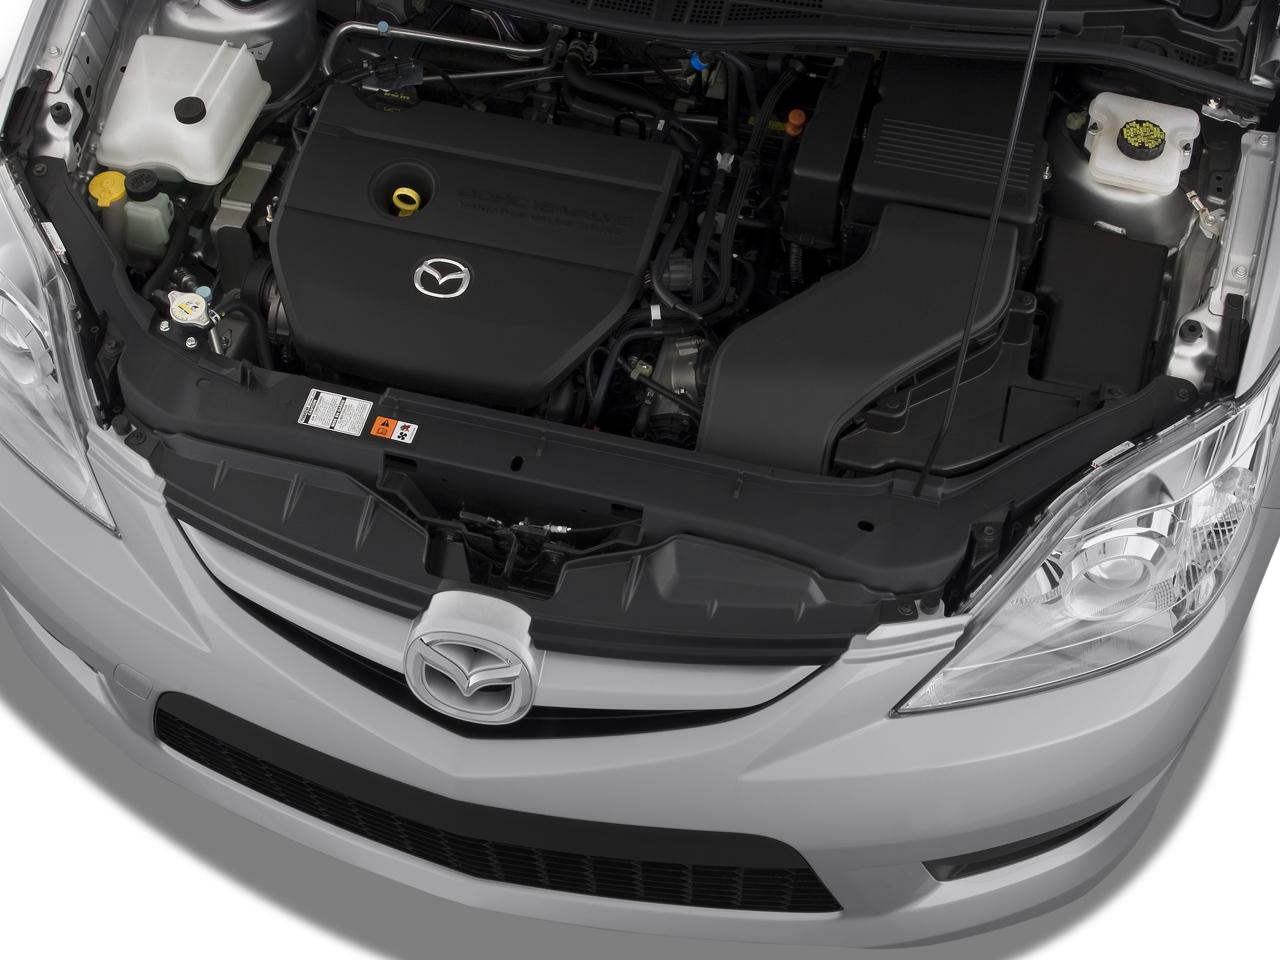 https://st.automobilemag.com/uploads/sites/10/2015/11/2008-mazda-mazda5-sport-wagon-engine.png